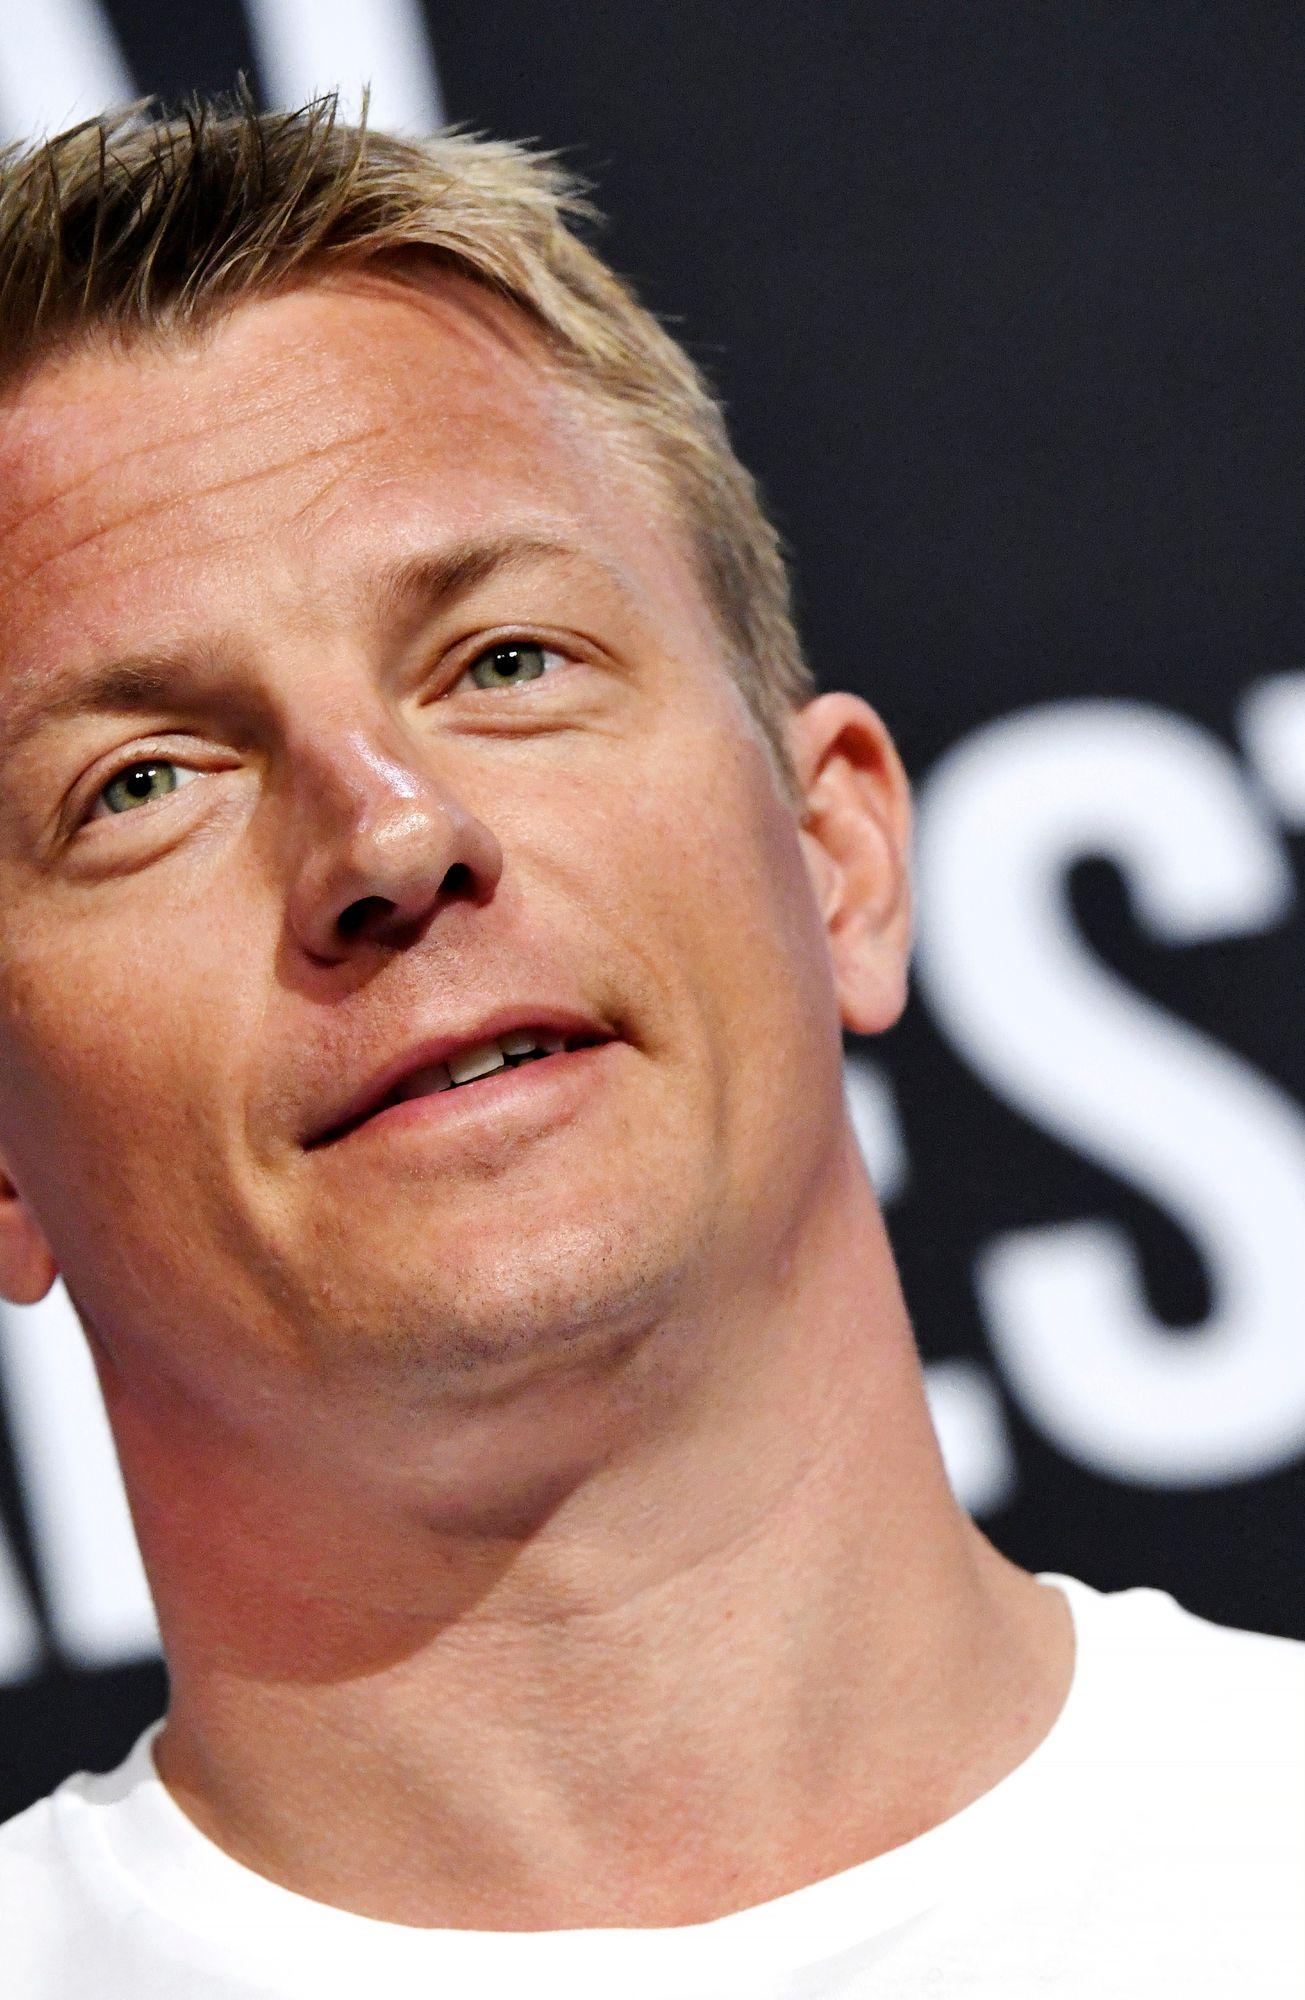 Kimi Räikkönen ilmoitti viime viikon keskiviikkona lopettavansa 20 vuotta kestäneen formulauransa. © Lehtikuva / Heikki Saukkomaa